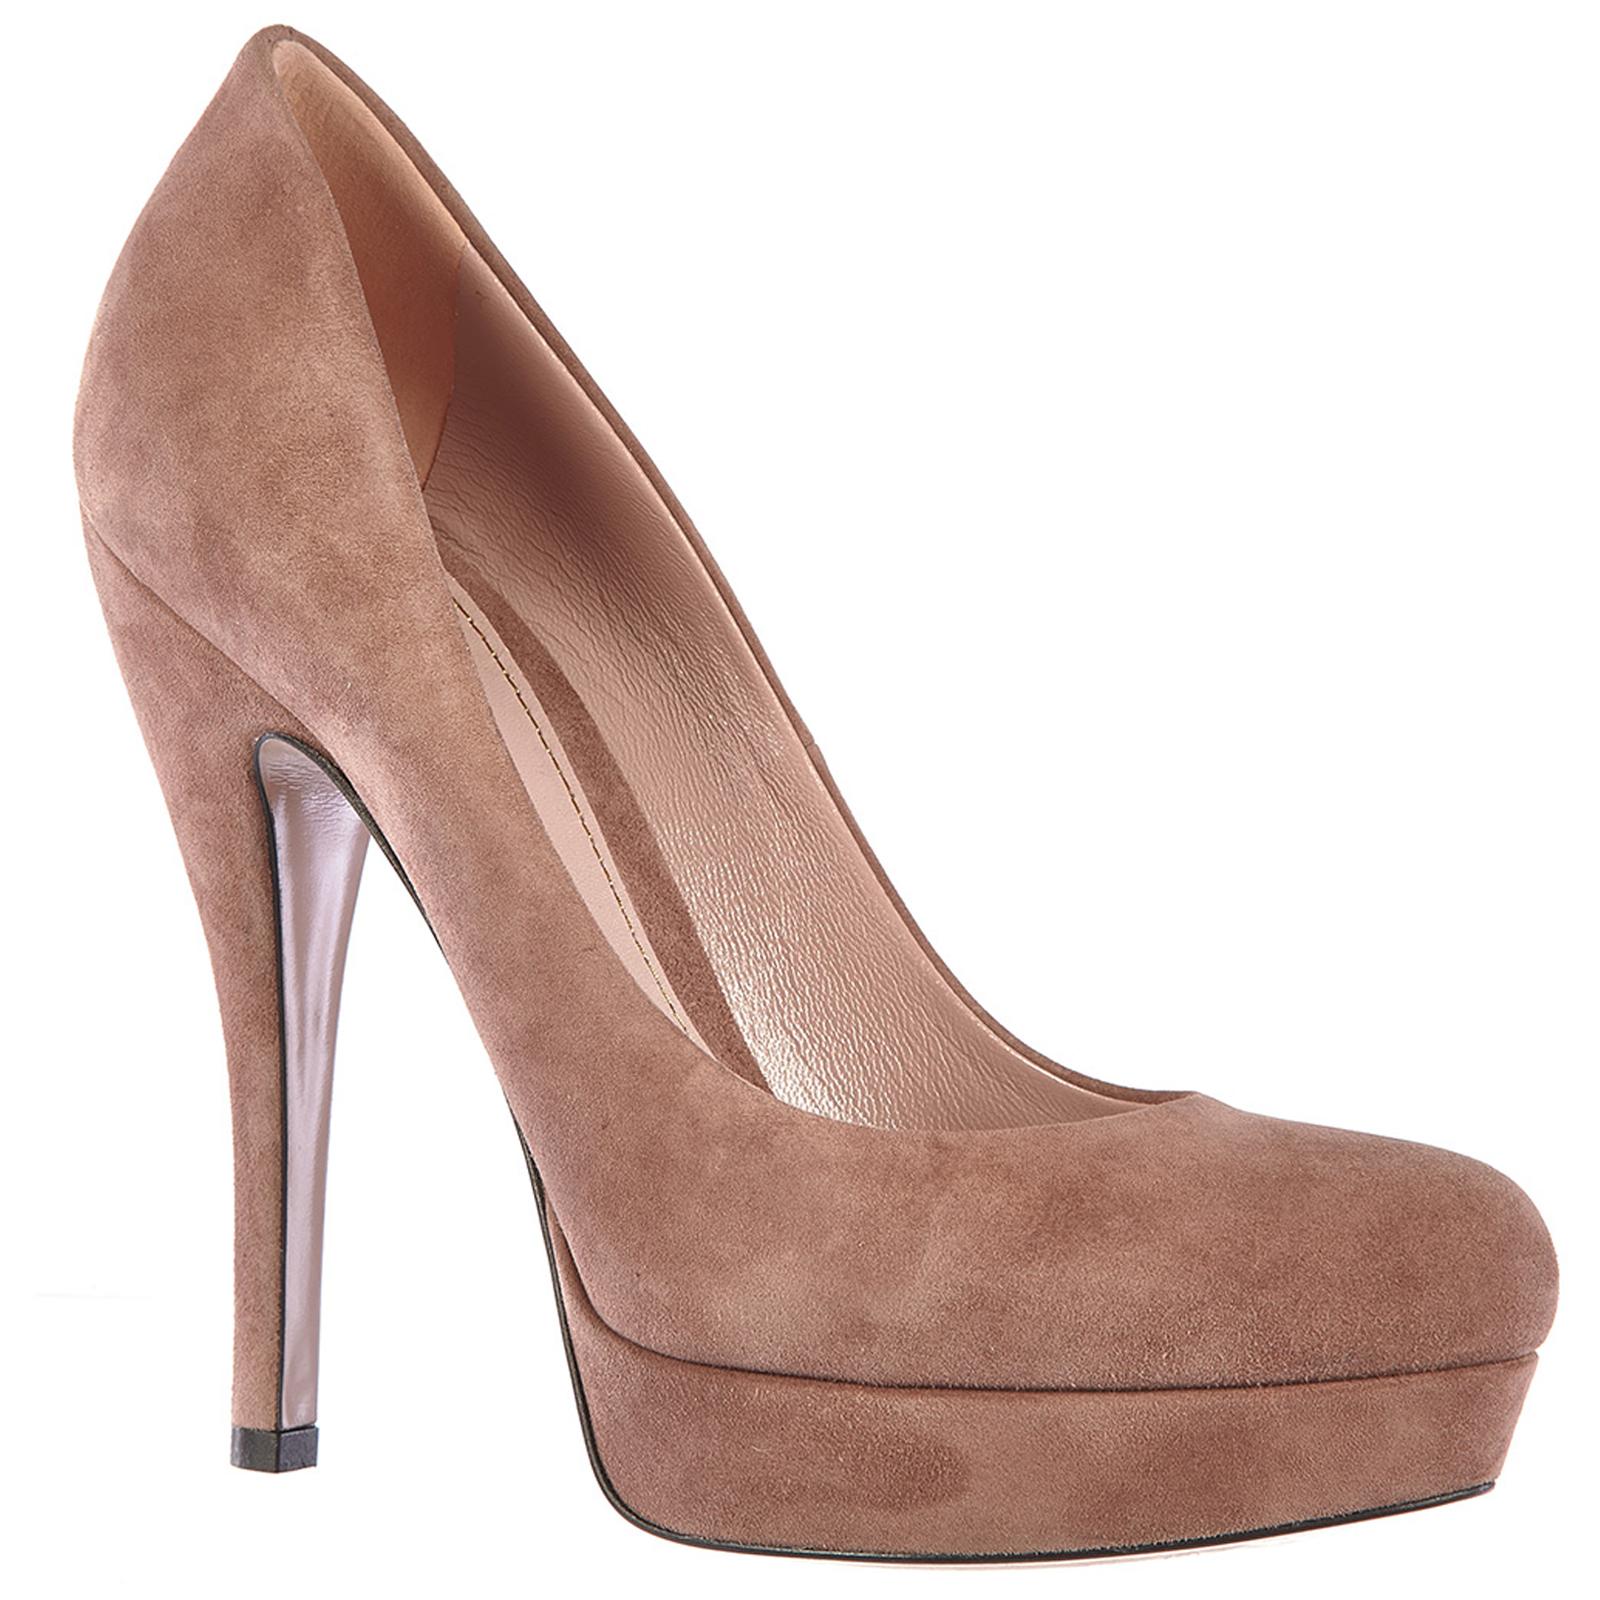 Damenschuhe plateau pumps wildleder high heels